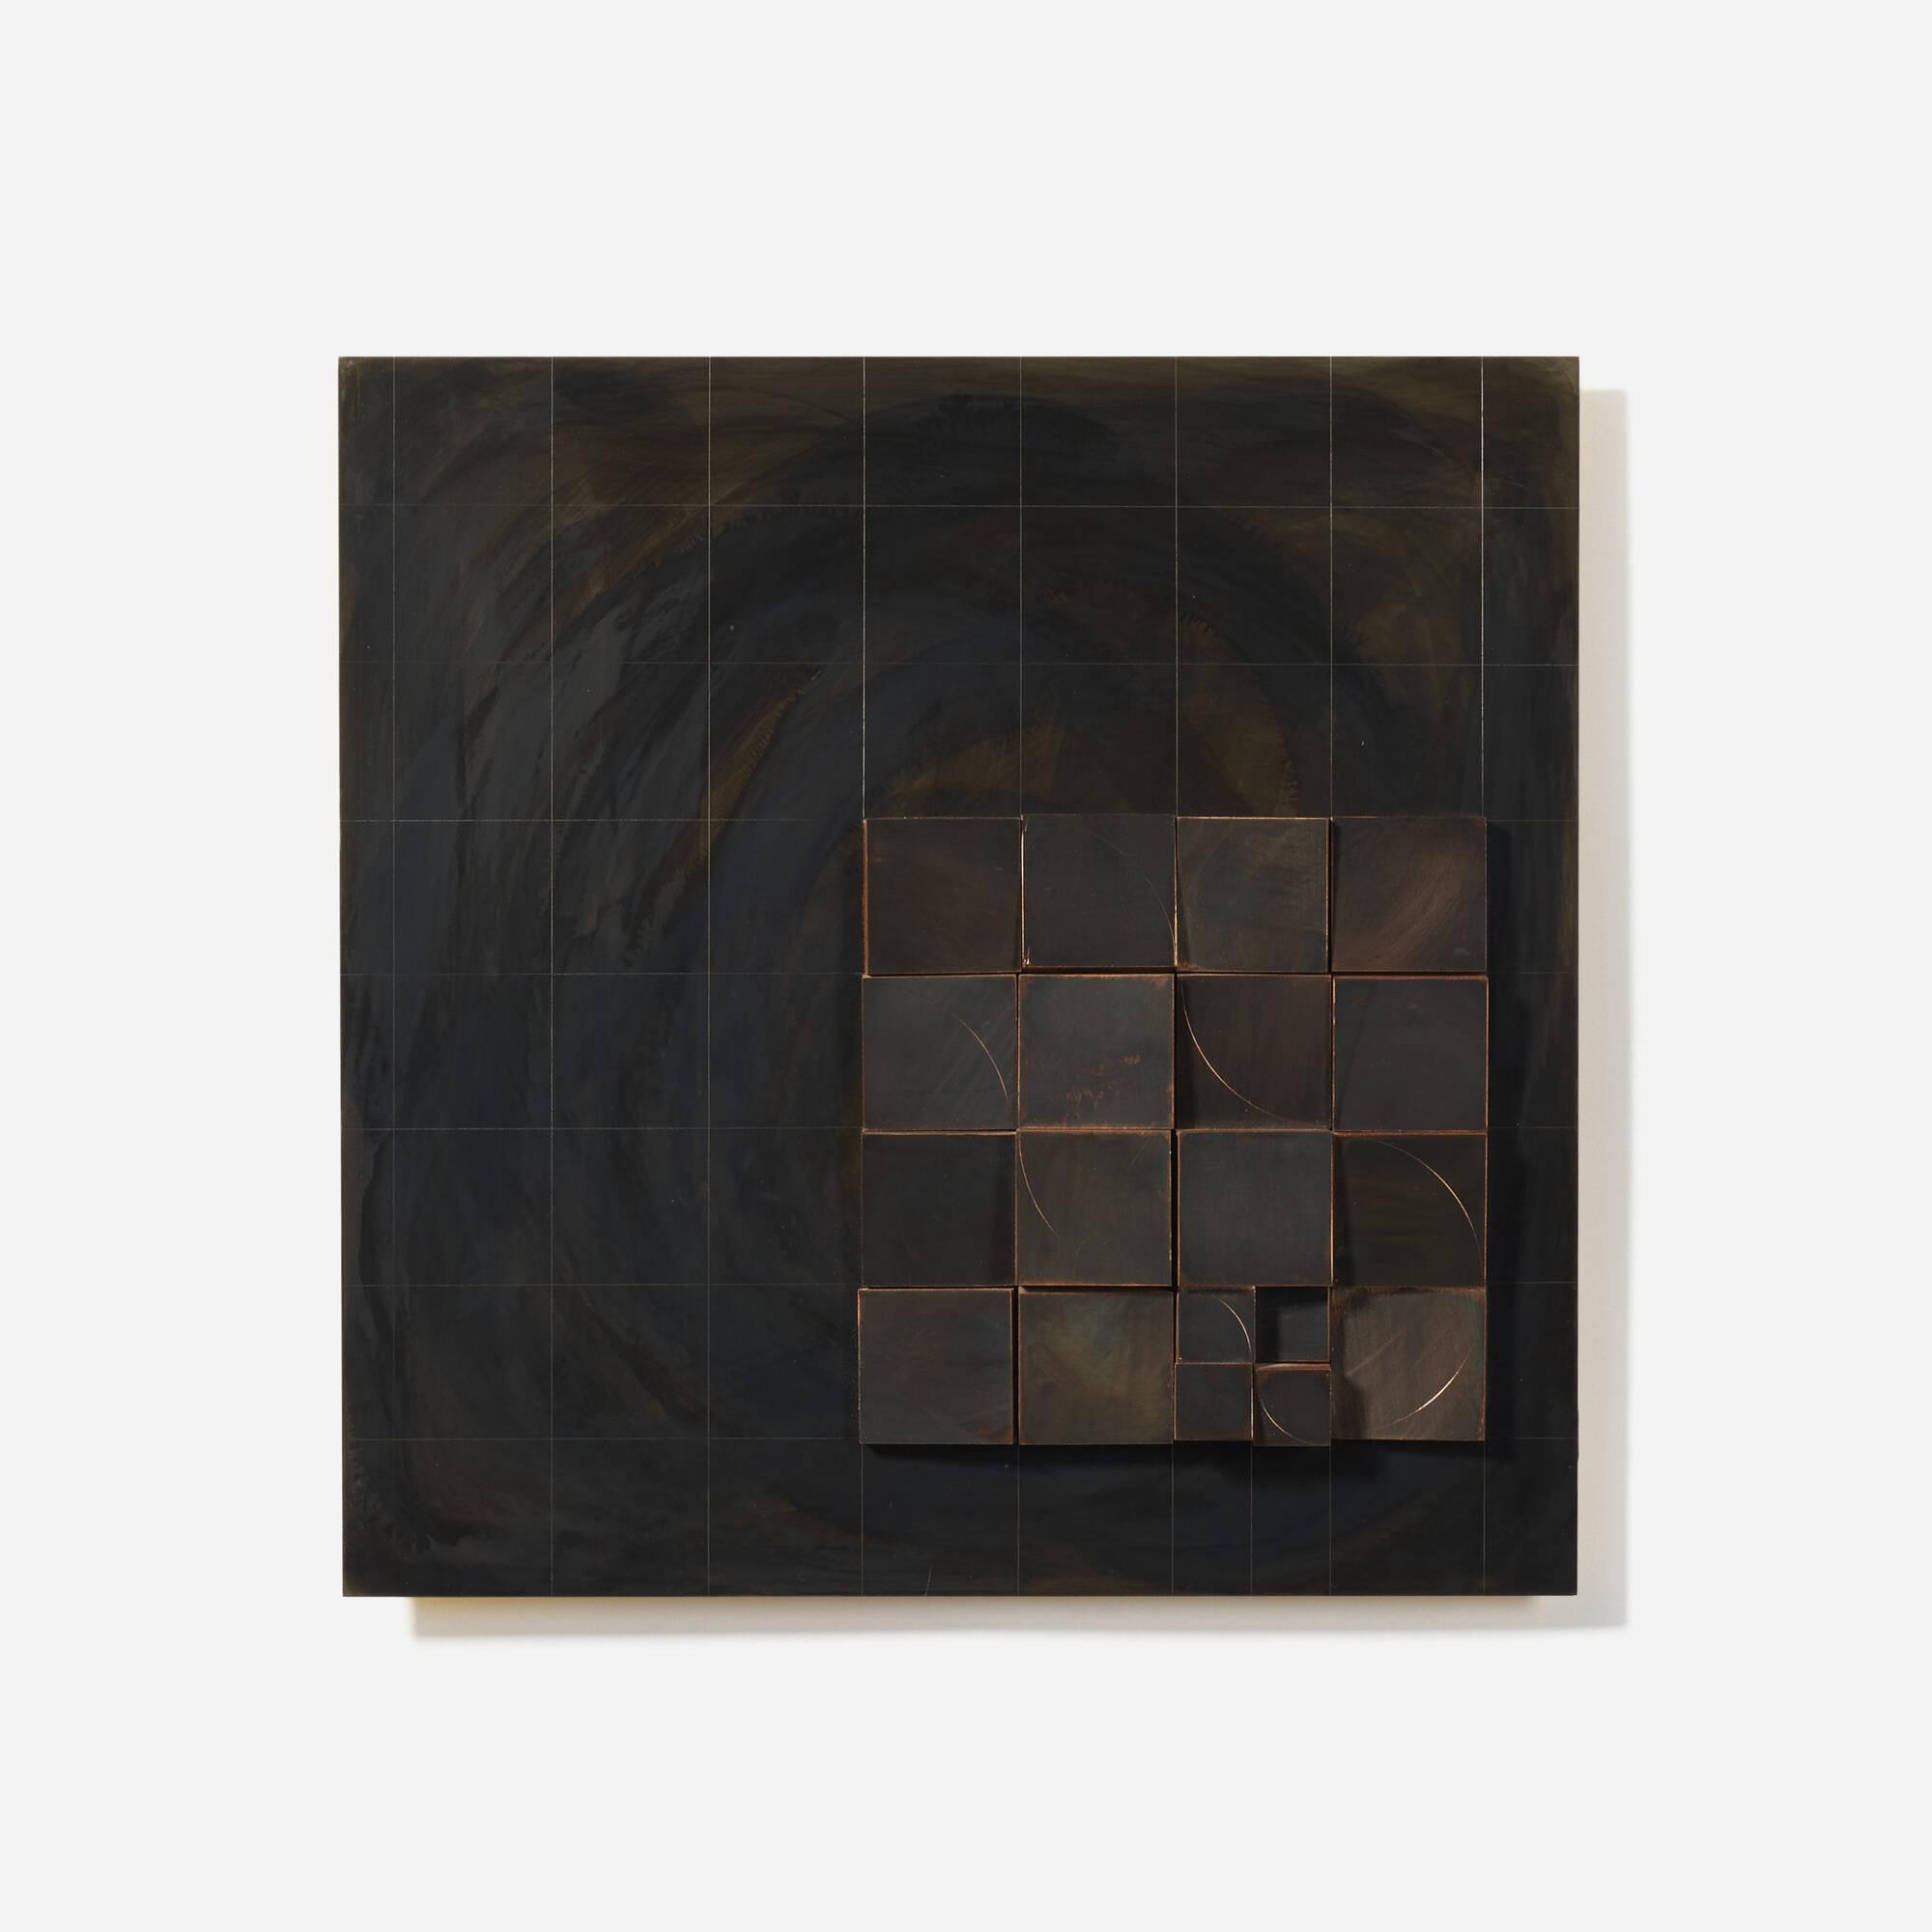 137: David Barr / Gossamer No. 4 (1 of 2)